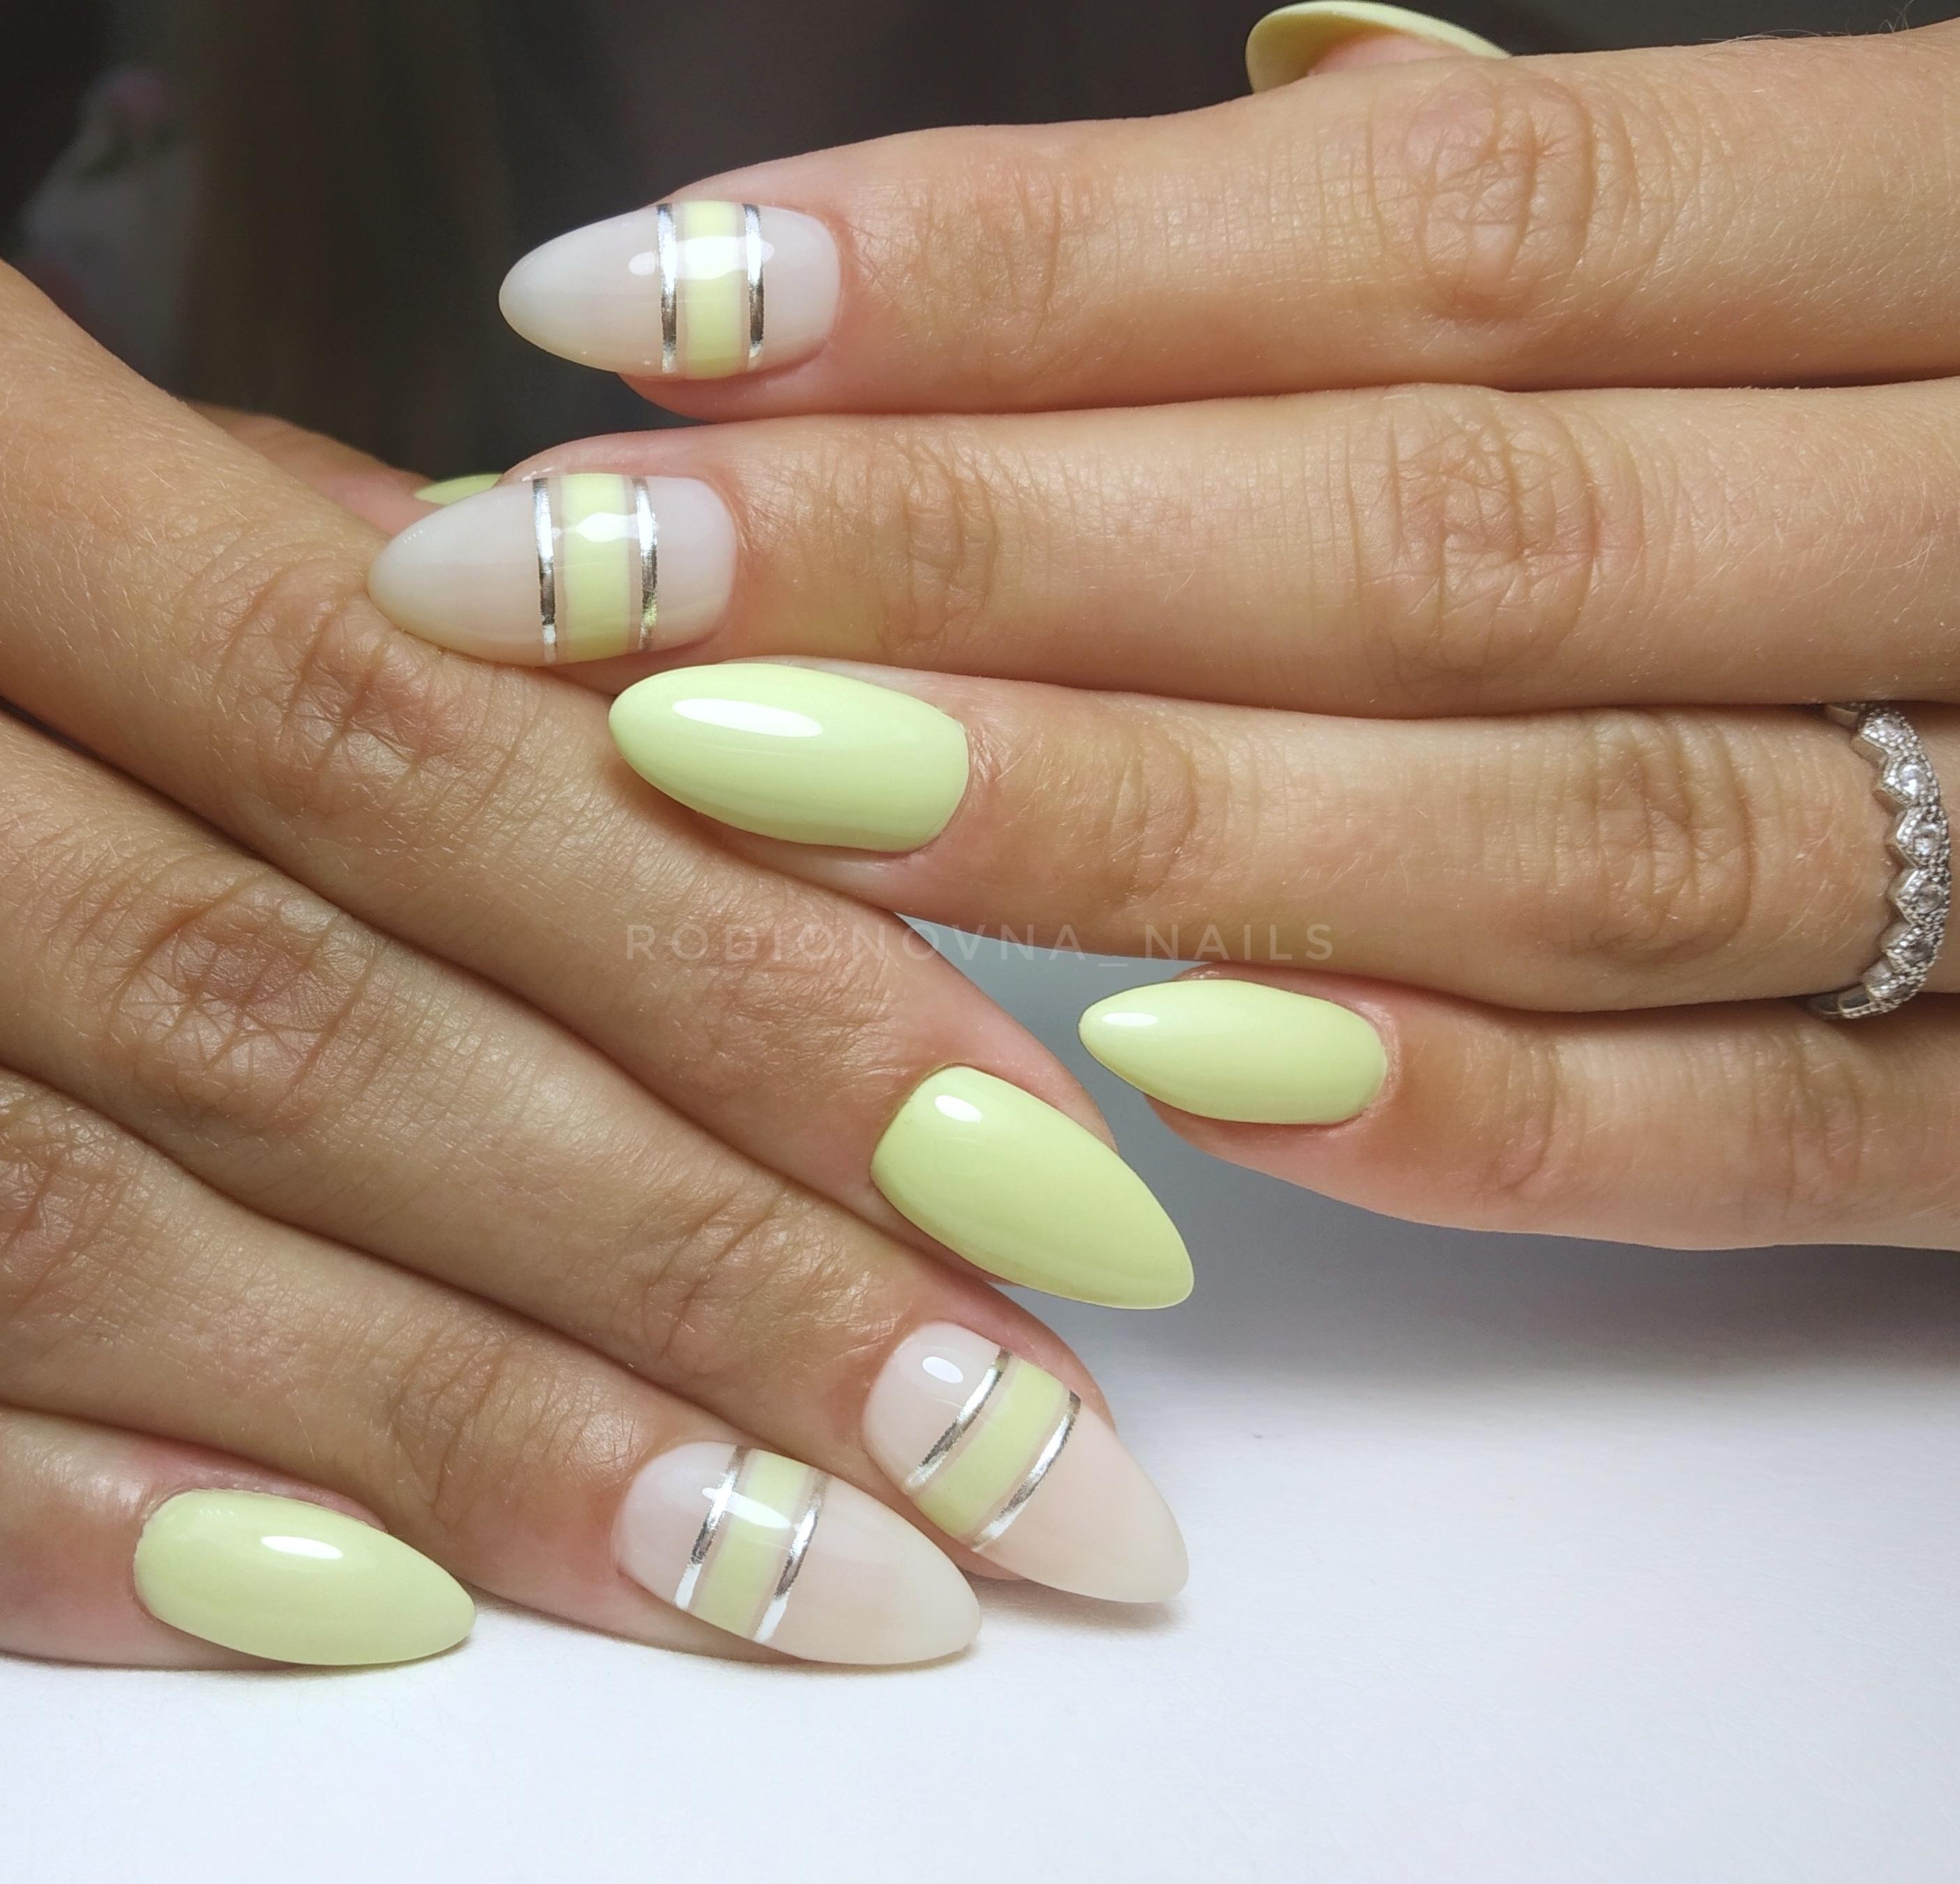 Маникюр с серебряными полосками в фисташковом цвете на длинные ногти.